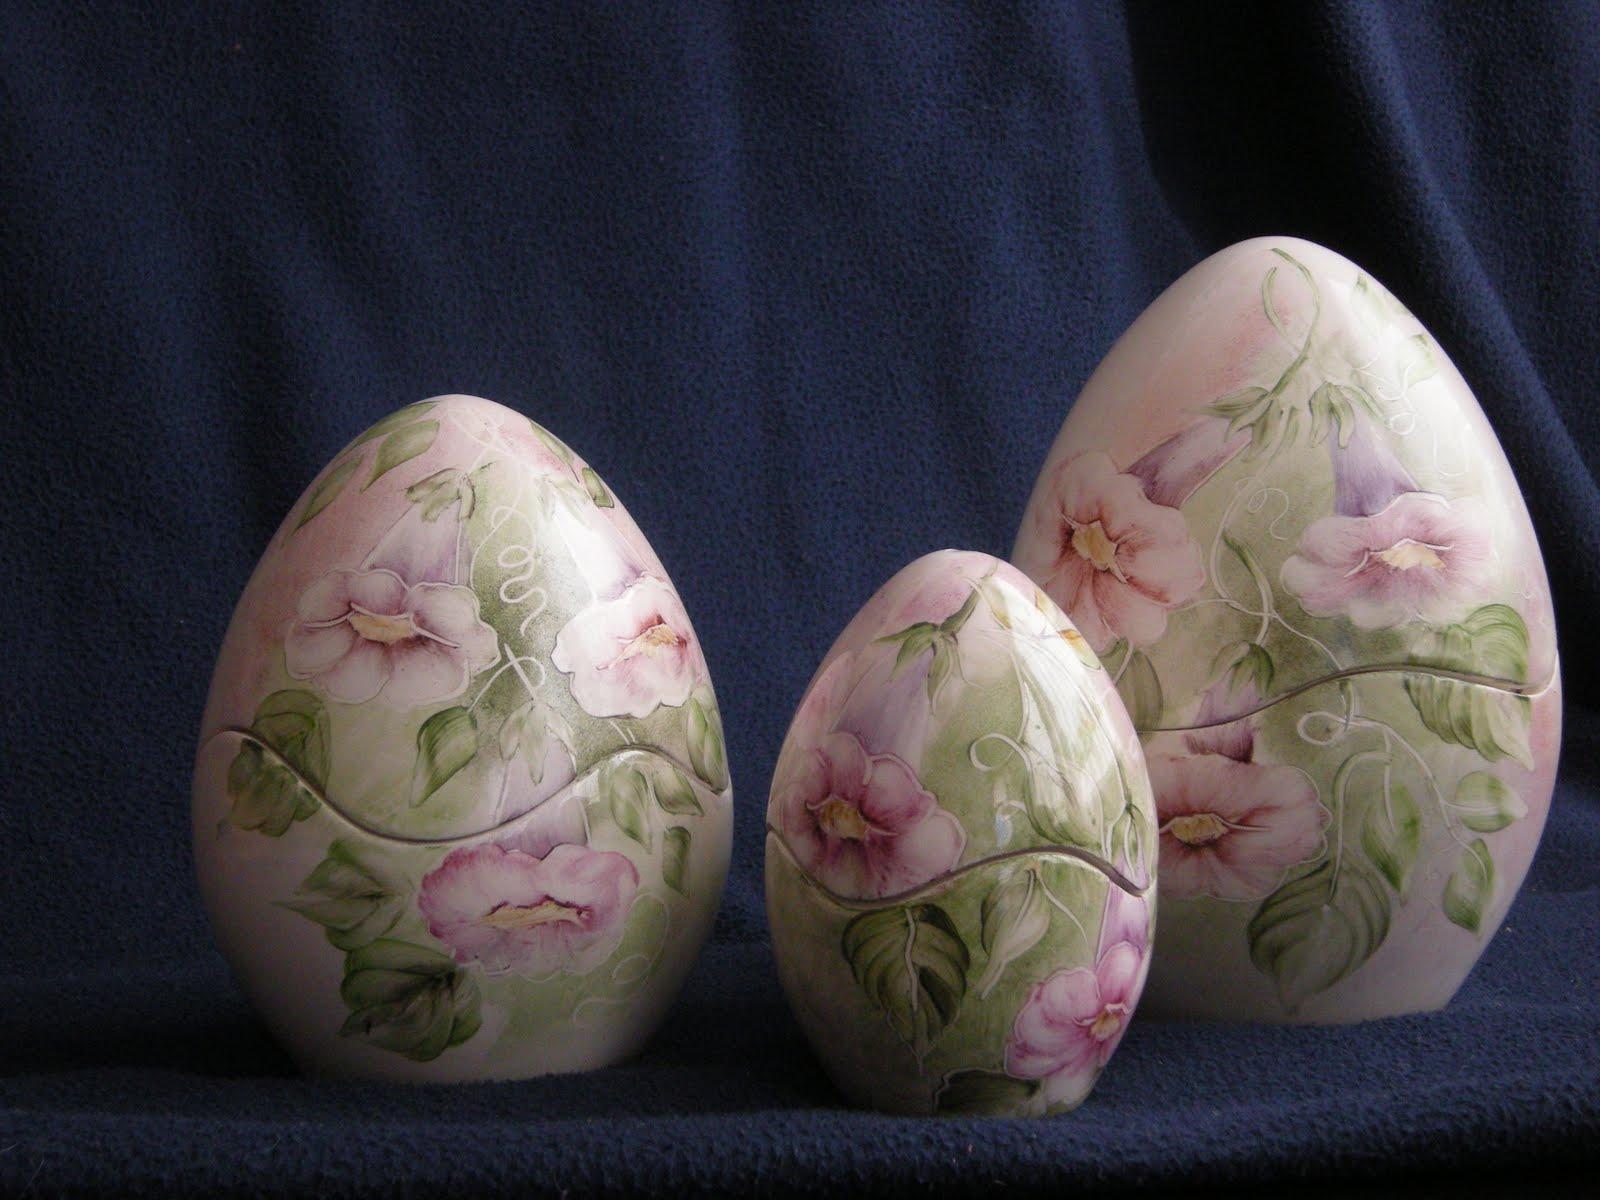 Il mondo di dea uova in porcellana dipinte a mano - Uova di pasqua decorati a mano ...